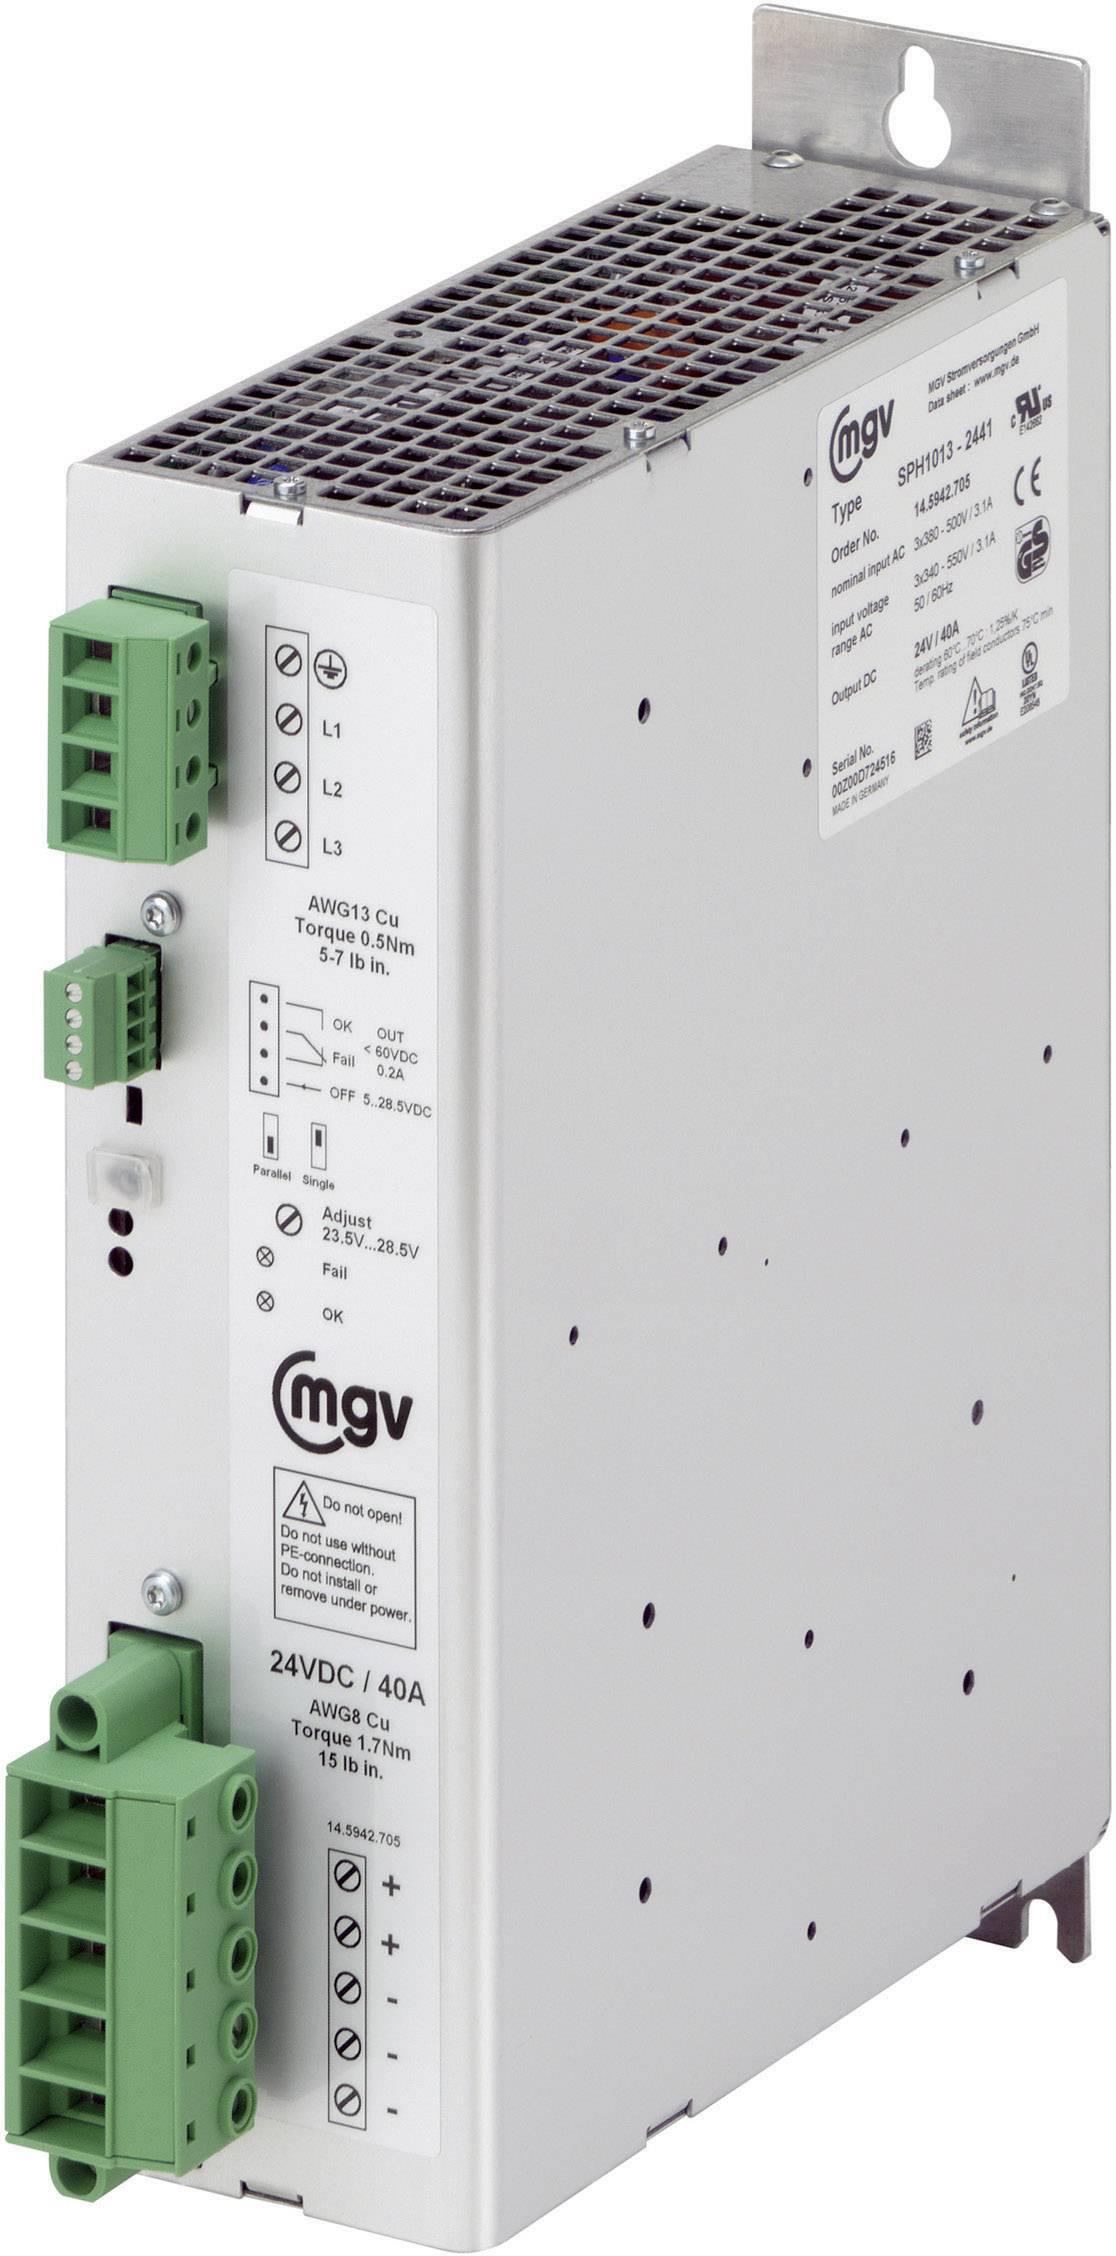 Zabudovateľný zdroj AC/DC mgv SPH1013-4821, 48 V/DC, 20 A, 1000 W